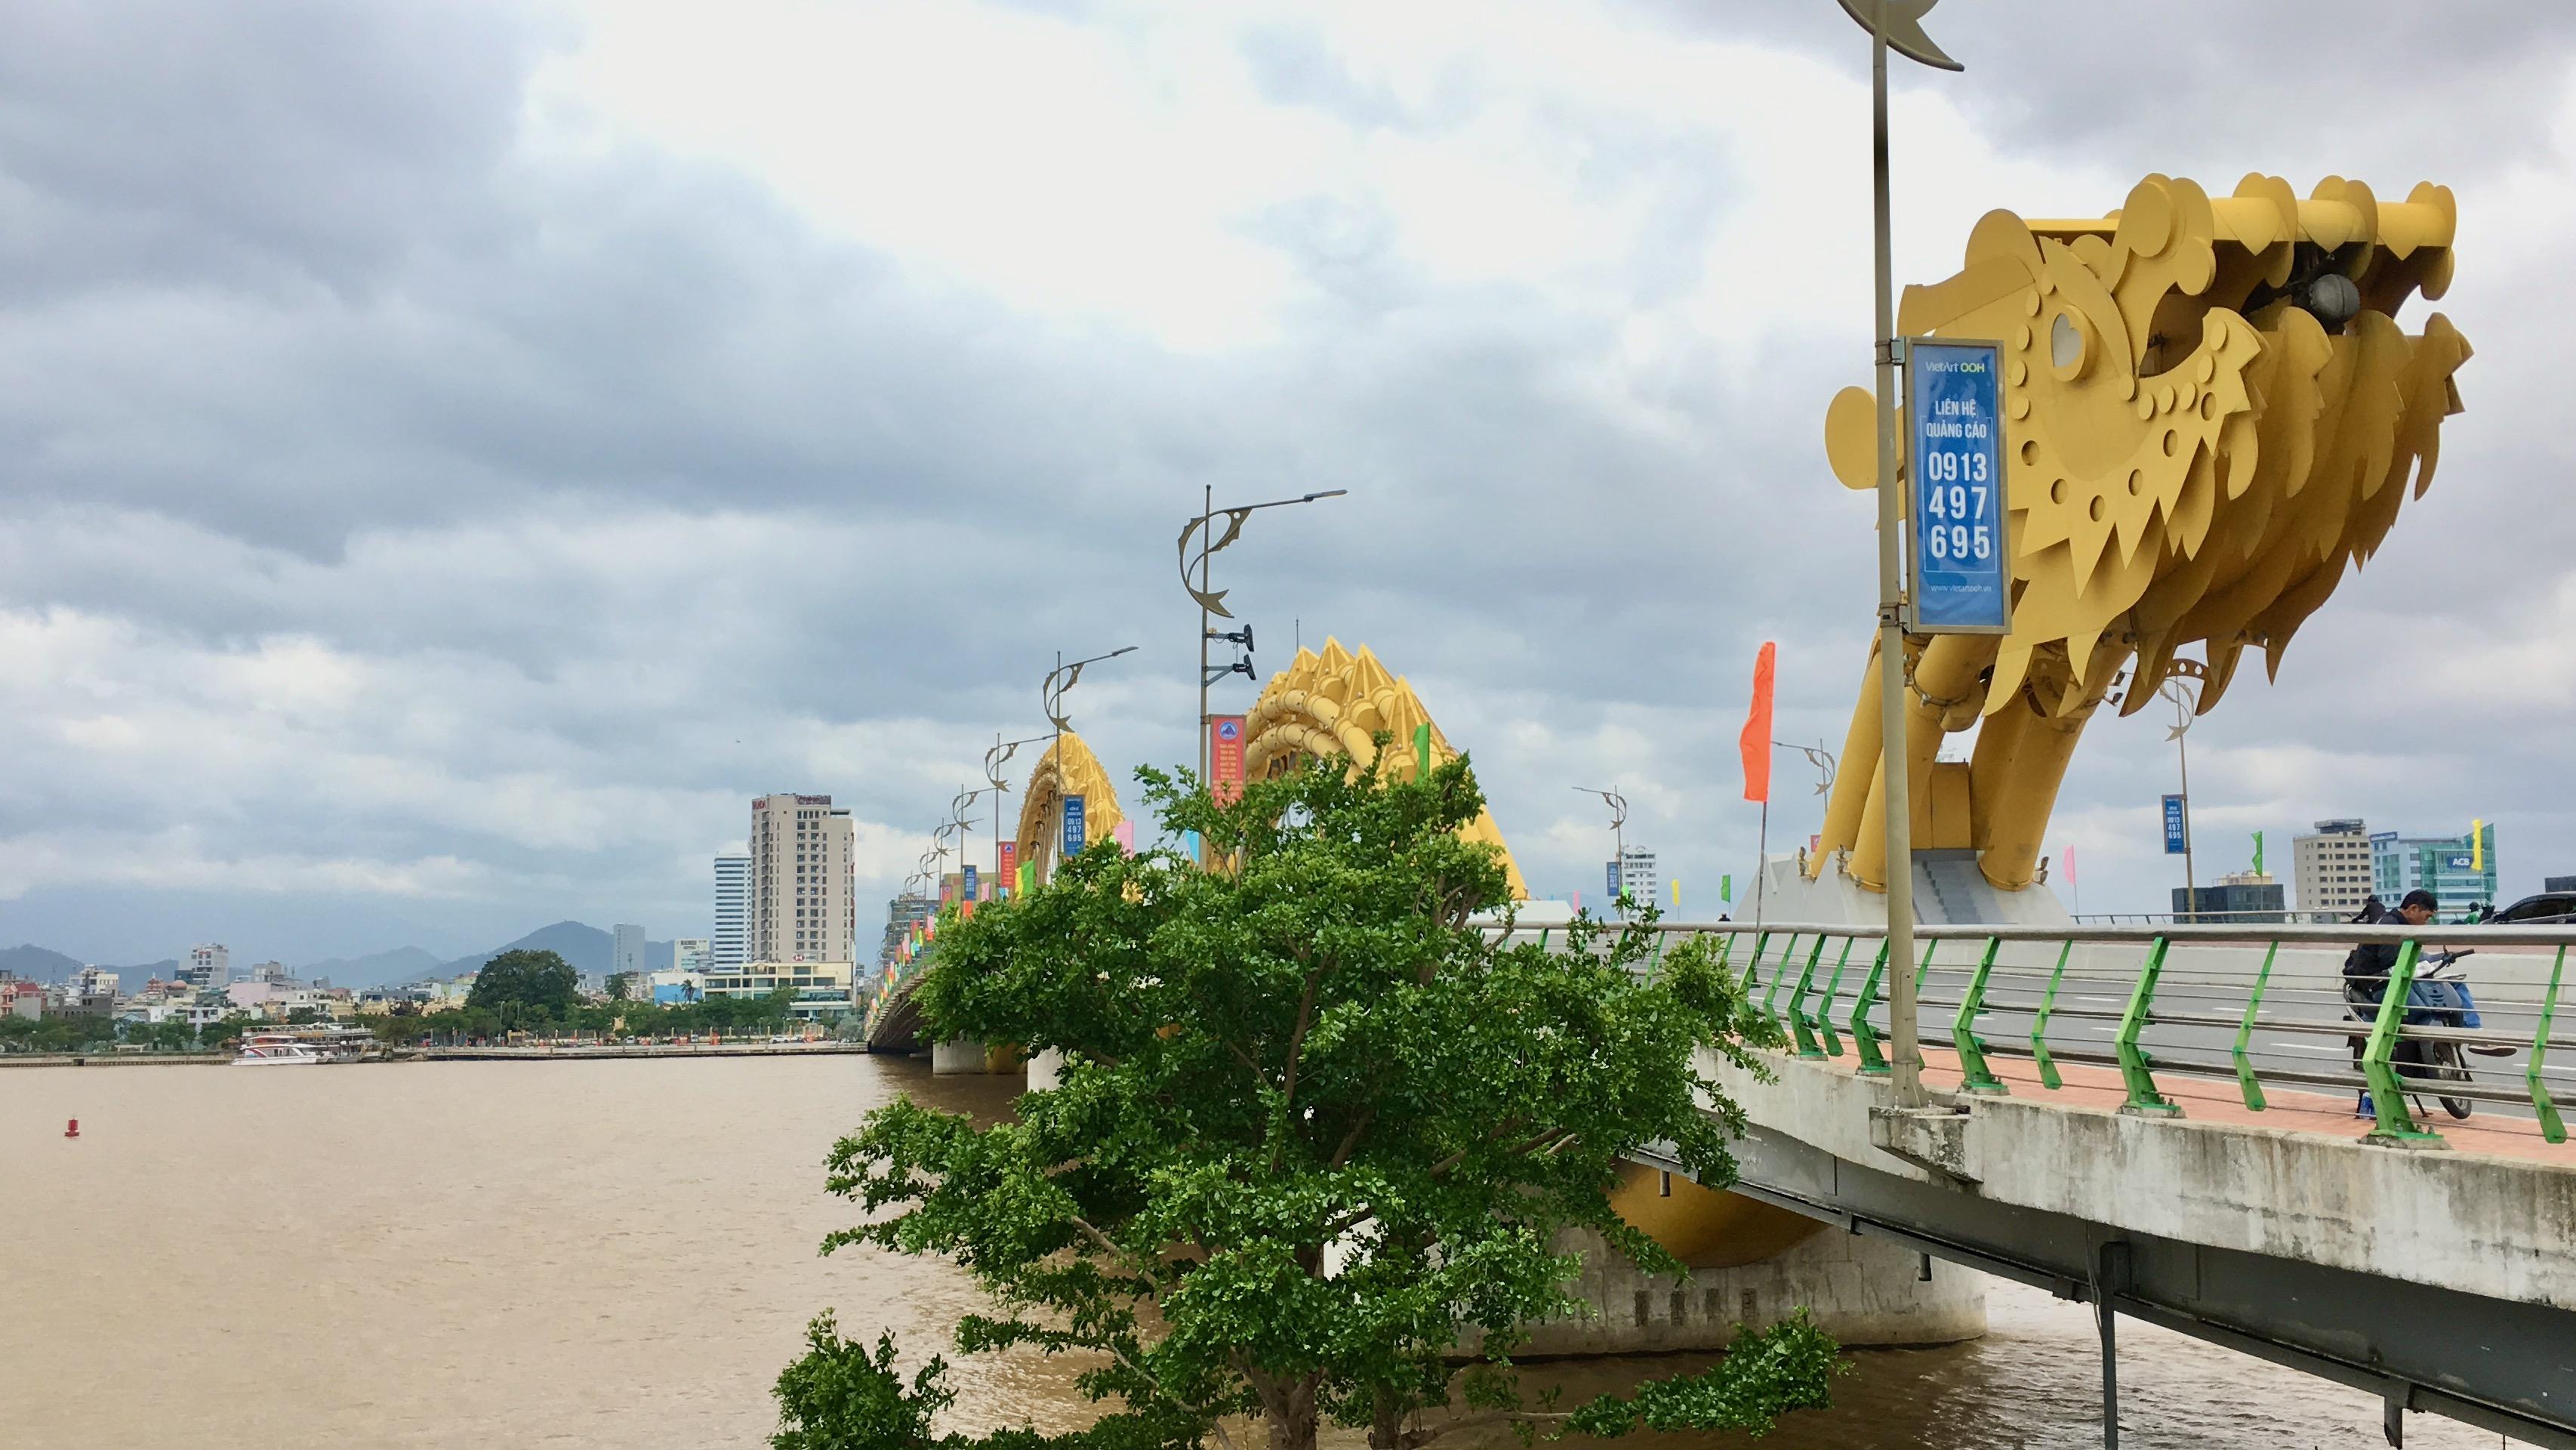 Cận cảnh khu vực ven sông Hàn Đà Nẵng làm phố đi bộ - Ảnh 3.